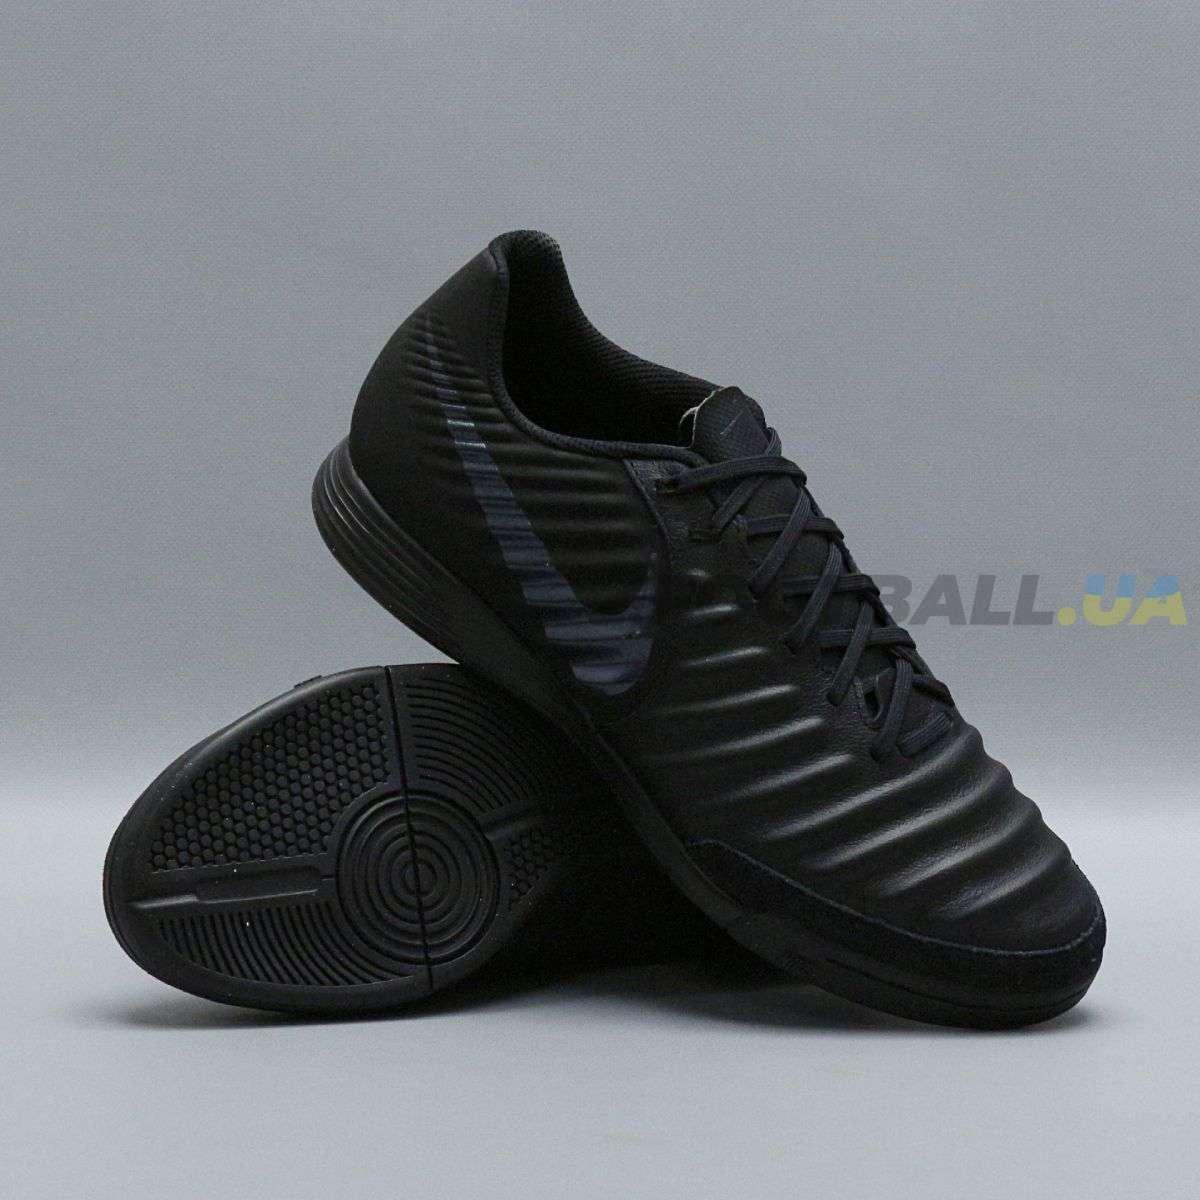 🥇 Футзалки Nike — купить обувь бутсы для футзала Найк. Скидки до 70 ... 29e8c4b7e487a